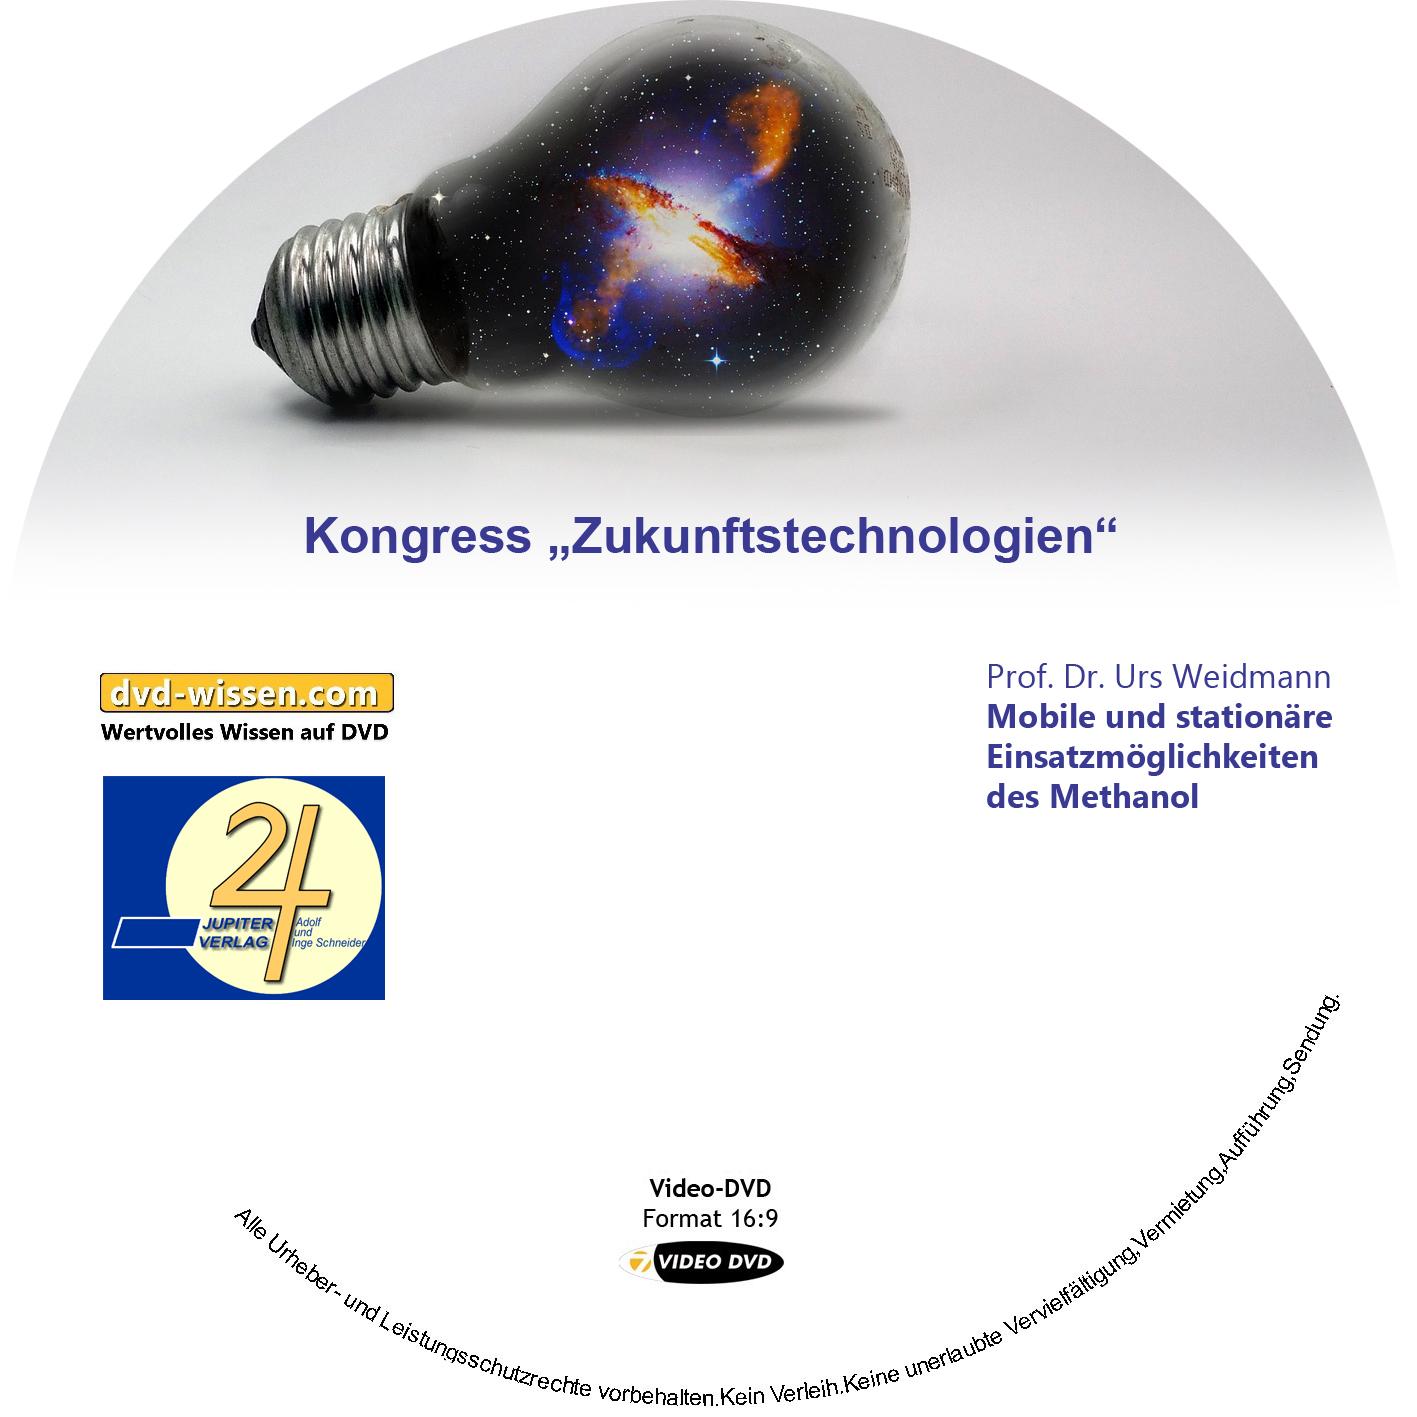 Prof. Dr. Urs Weidmann: Mobile und stationäre Einsatzmöglichkeiten des Methanol